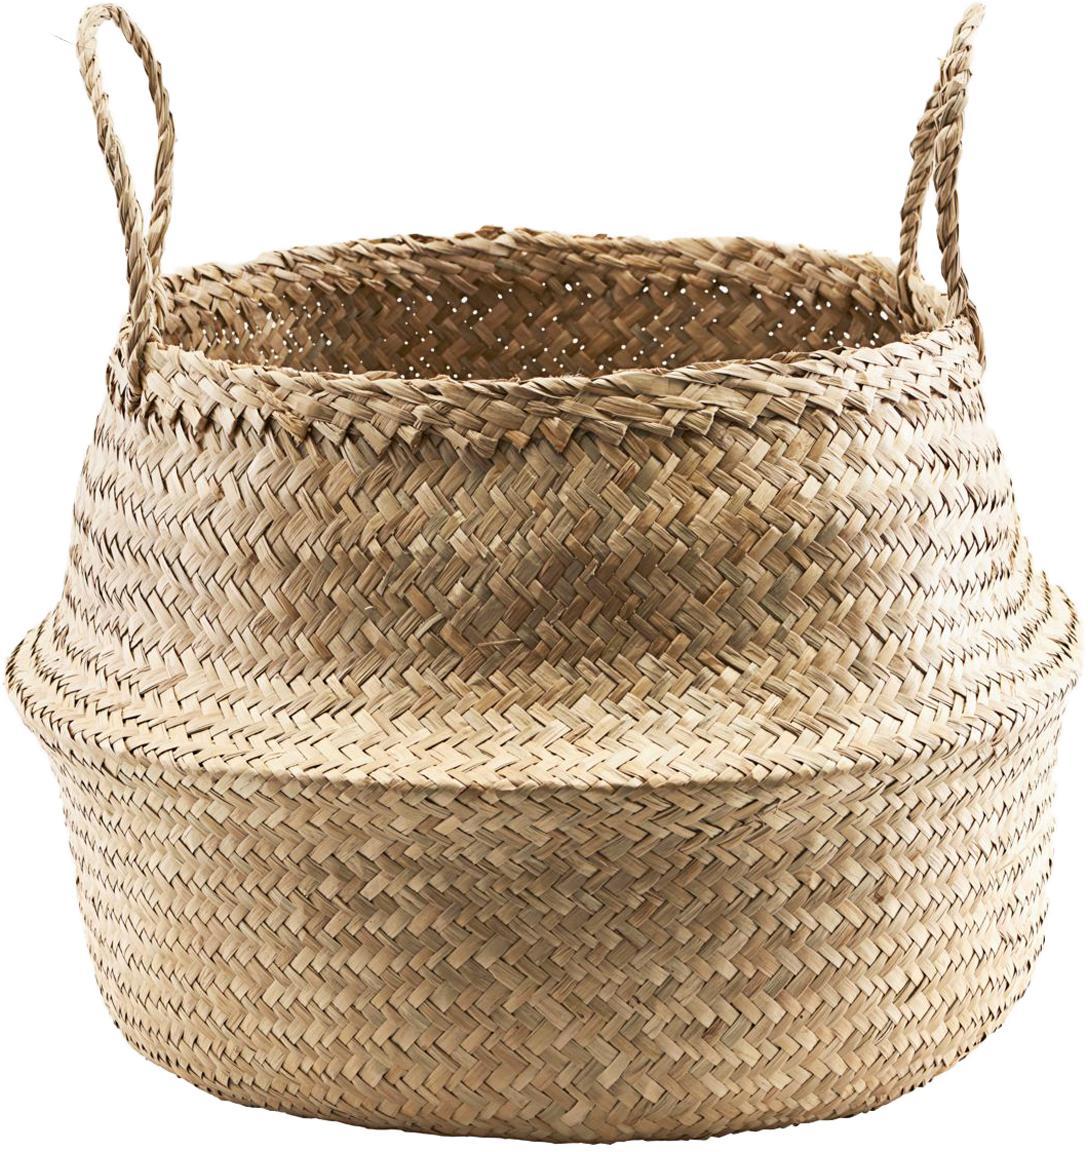 Opbergmand Tanger, Natuurlijke vezels, Beige, Ø 45 x H 32 cm